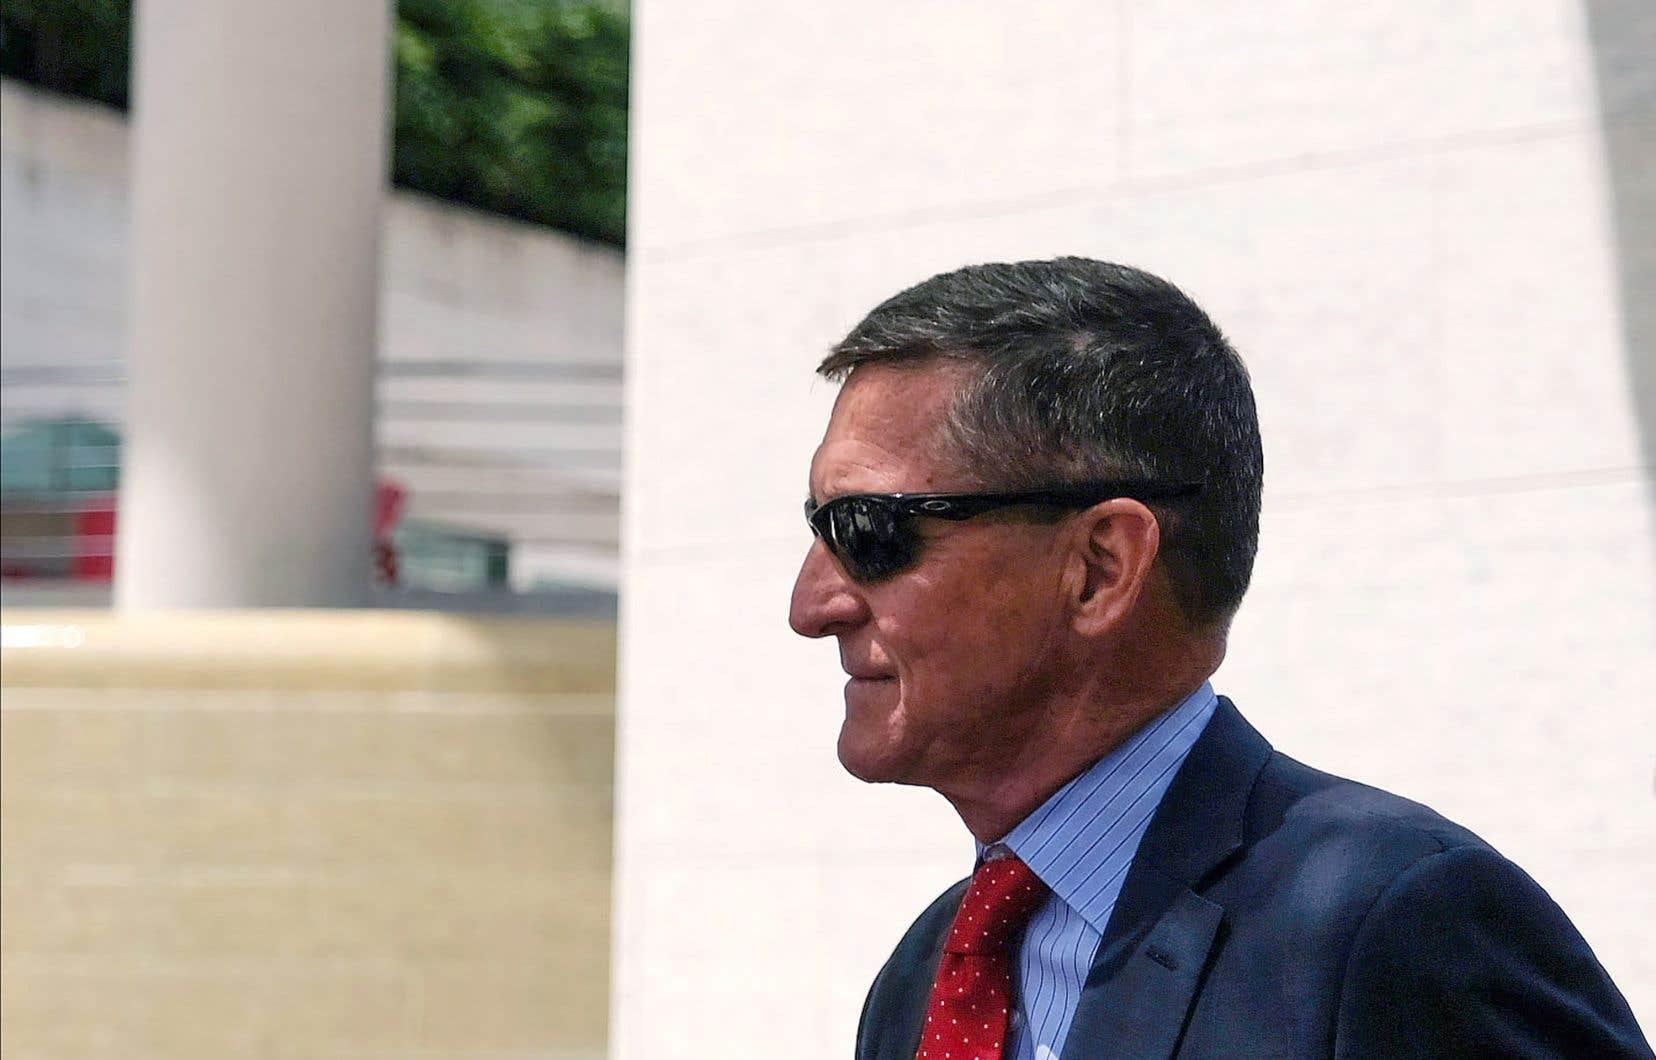 Une cour fédérale d'appel a donné raison au gouvernement républicain qui avait retiré en mai les accusations contre Michael Flynn.